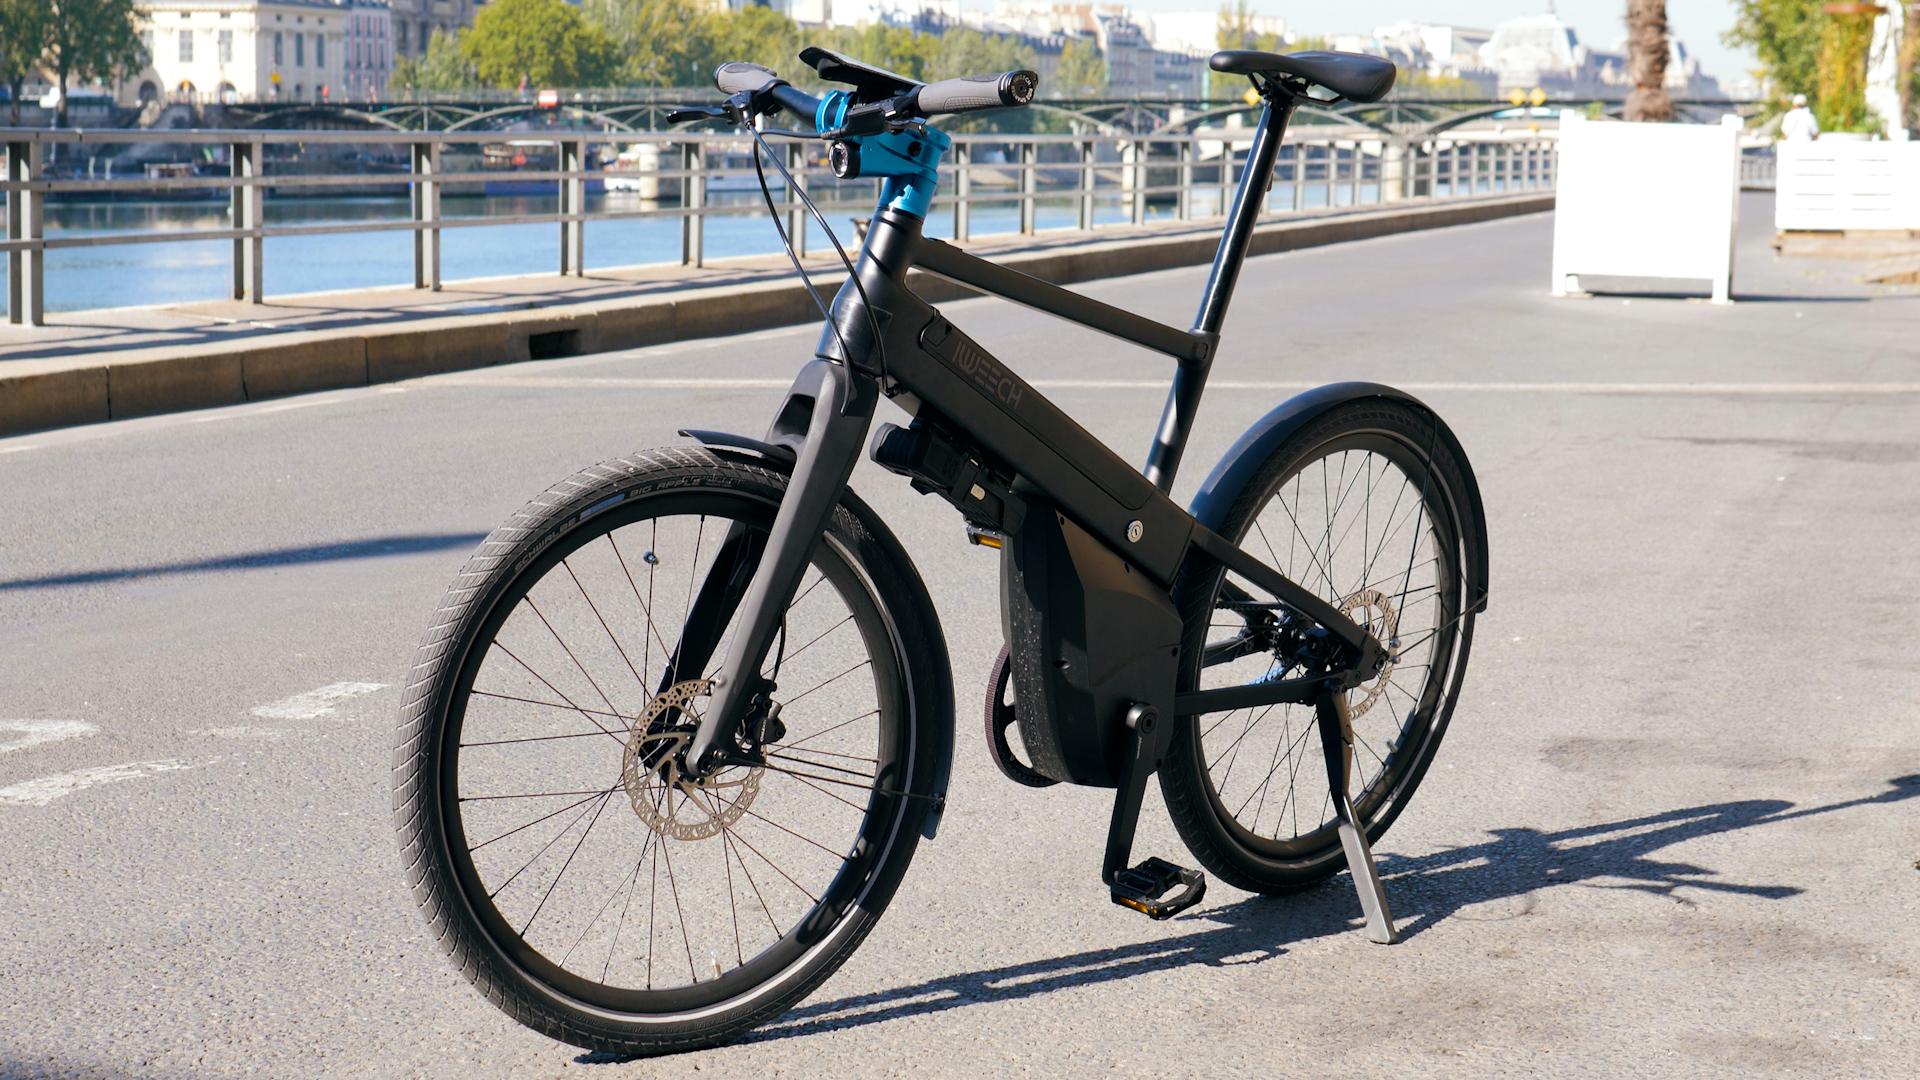 Test du iweech : enfin un bon vélo électrique intelligent